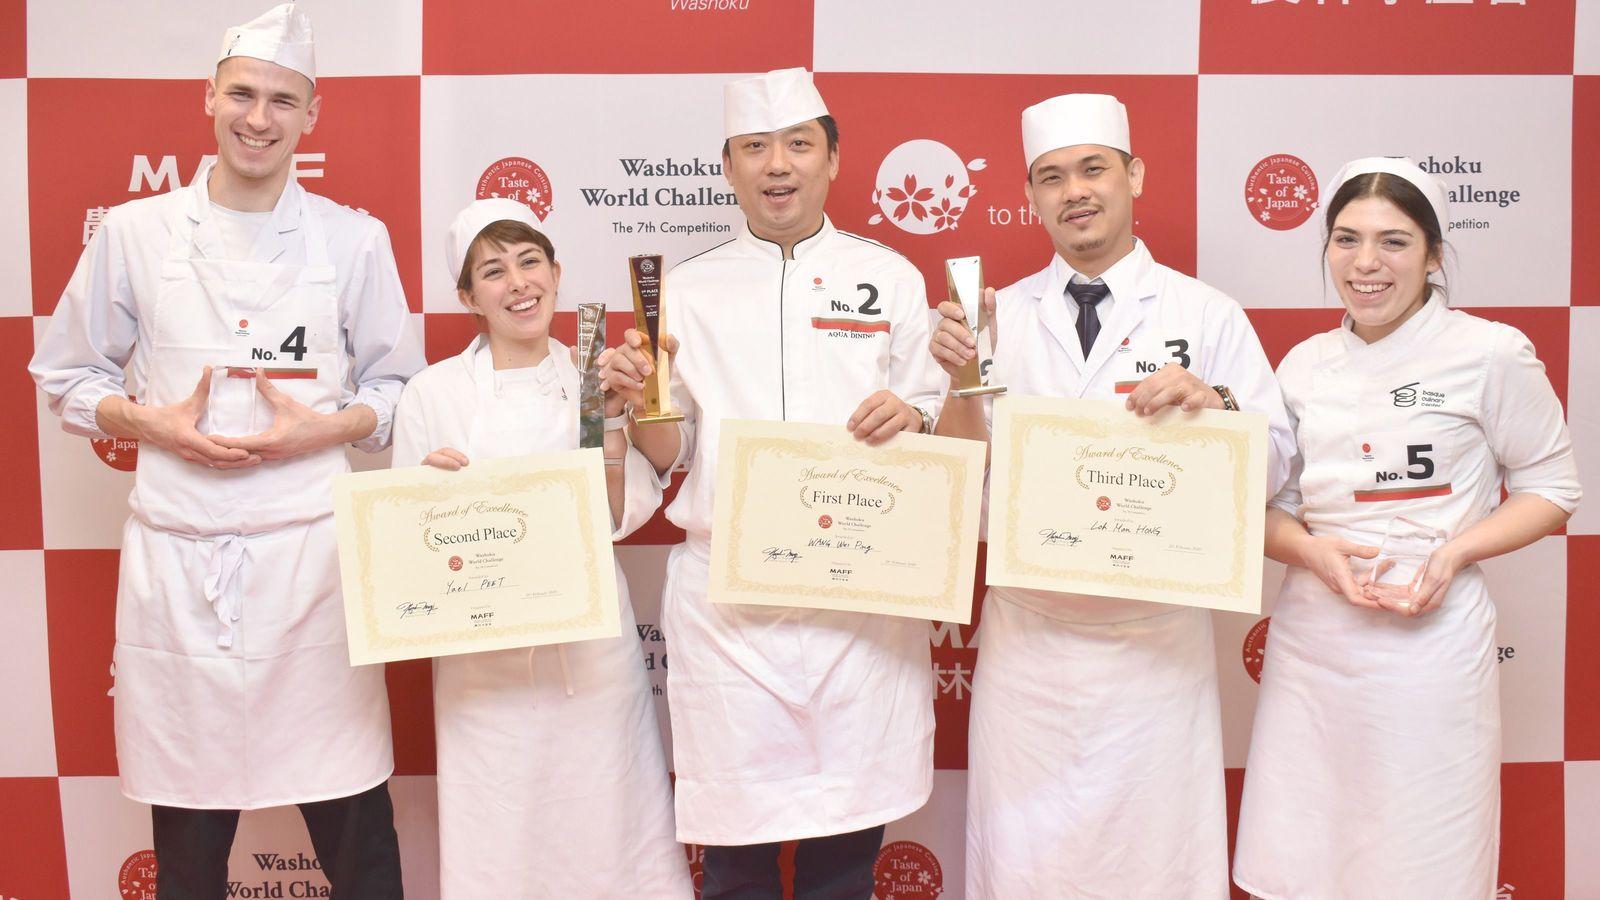 「和食の世界王者」になった中国人シェフが日本食に情熱を燃やすワケ 美しい食材をつくる生産者がすごい